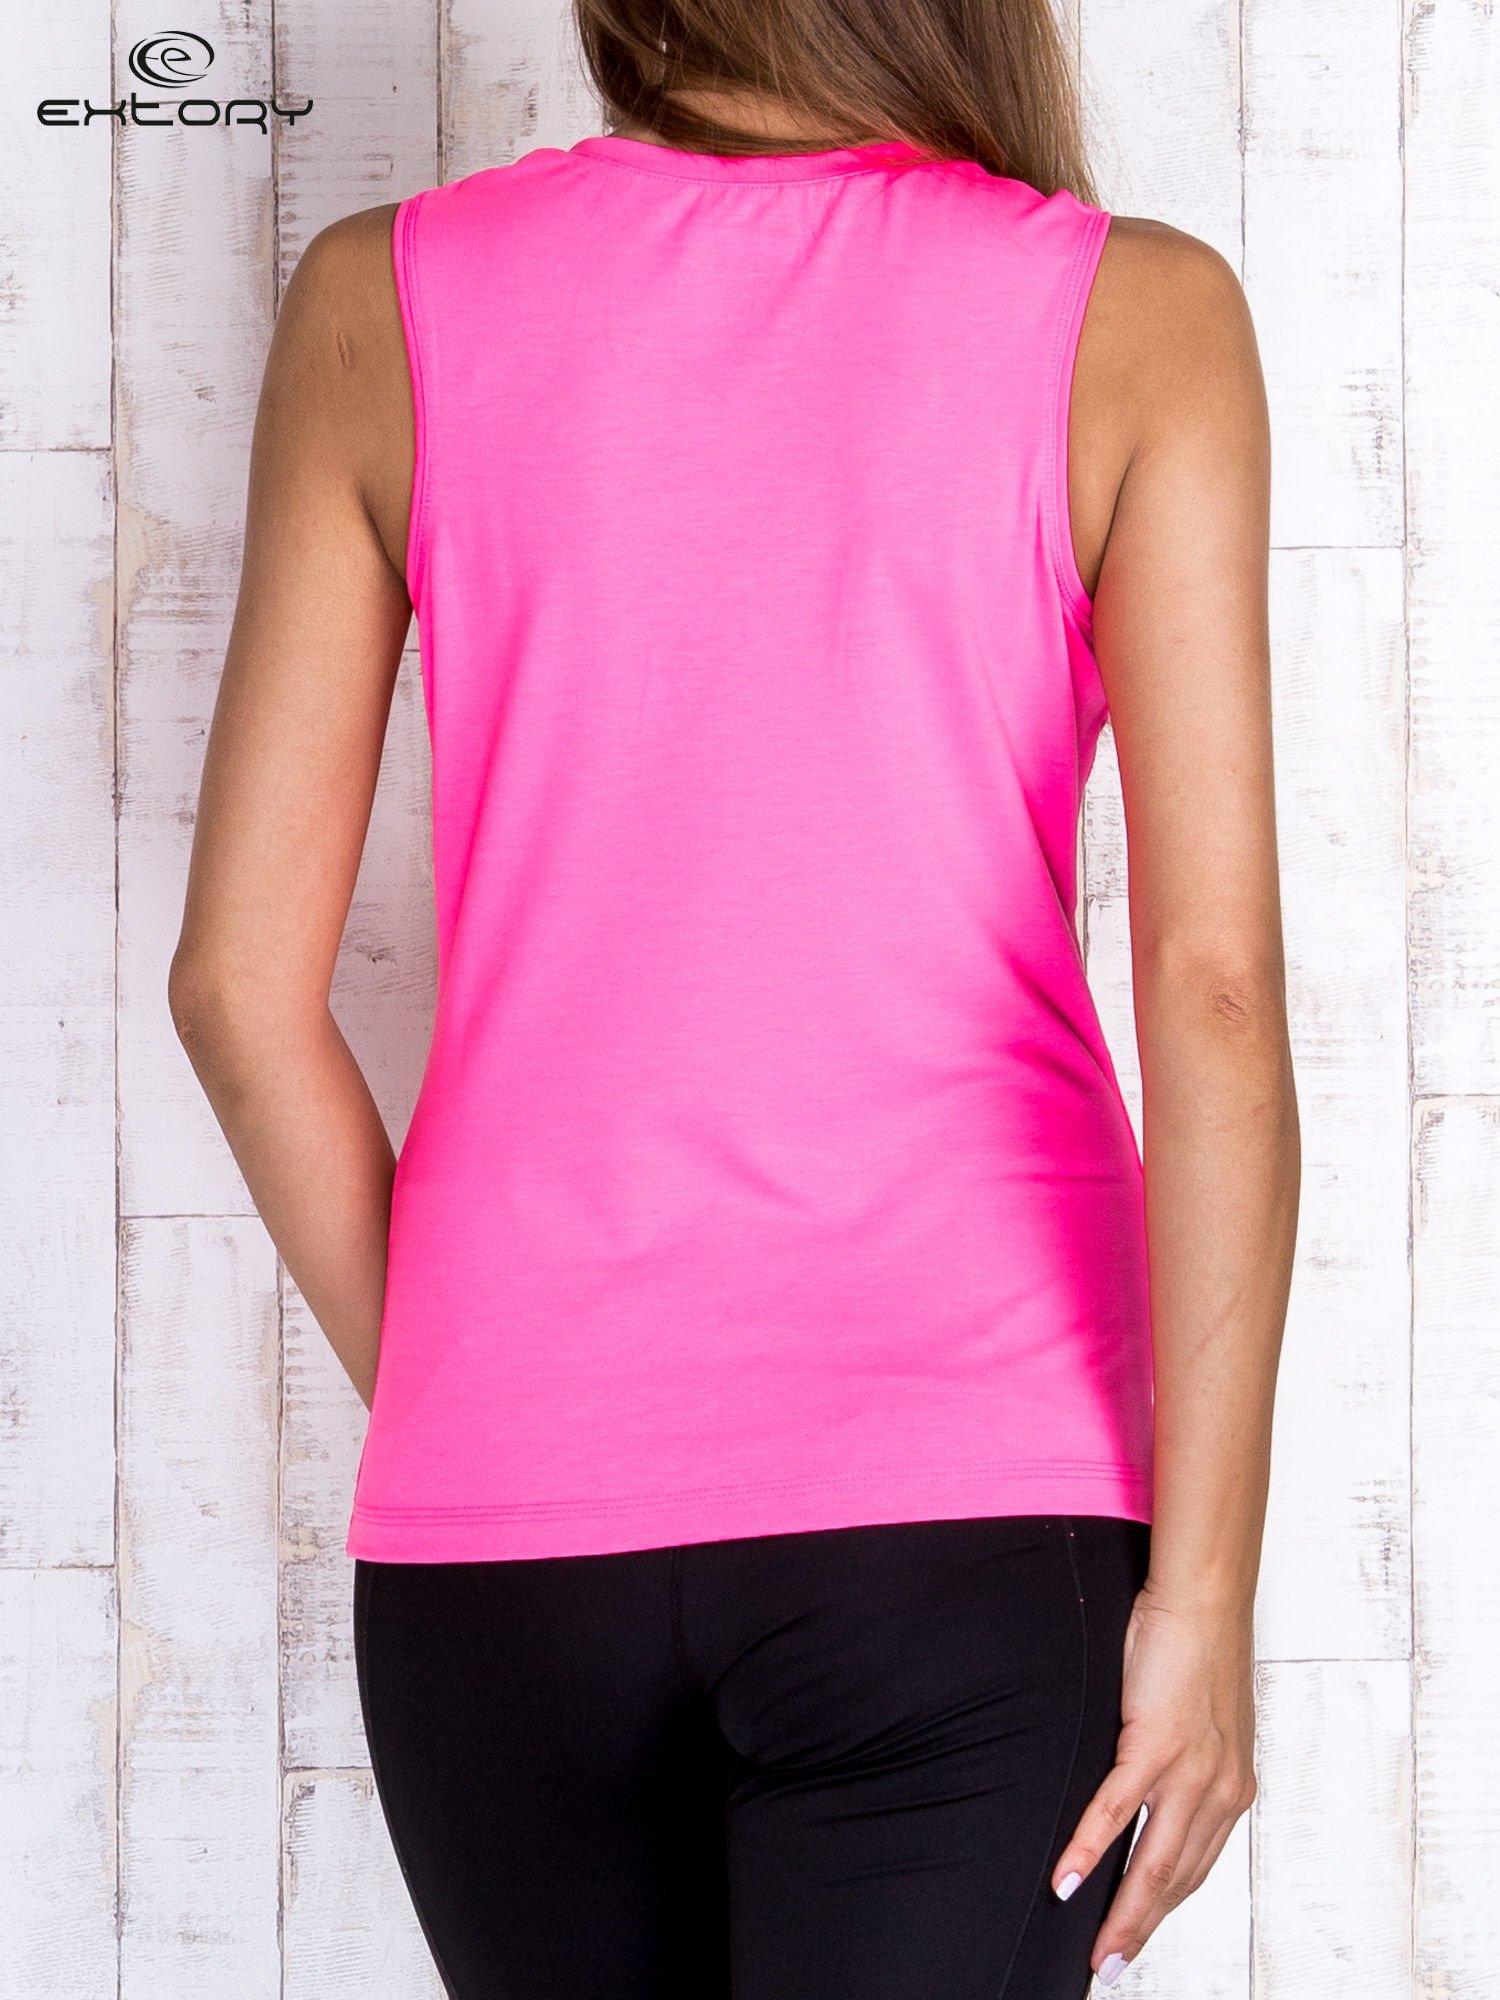 Różowy gładki sportowy top na szerokich ramiączkach                                  zdj.                                  2